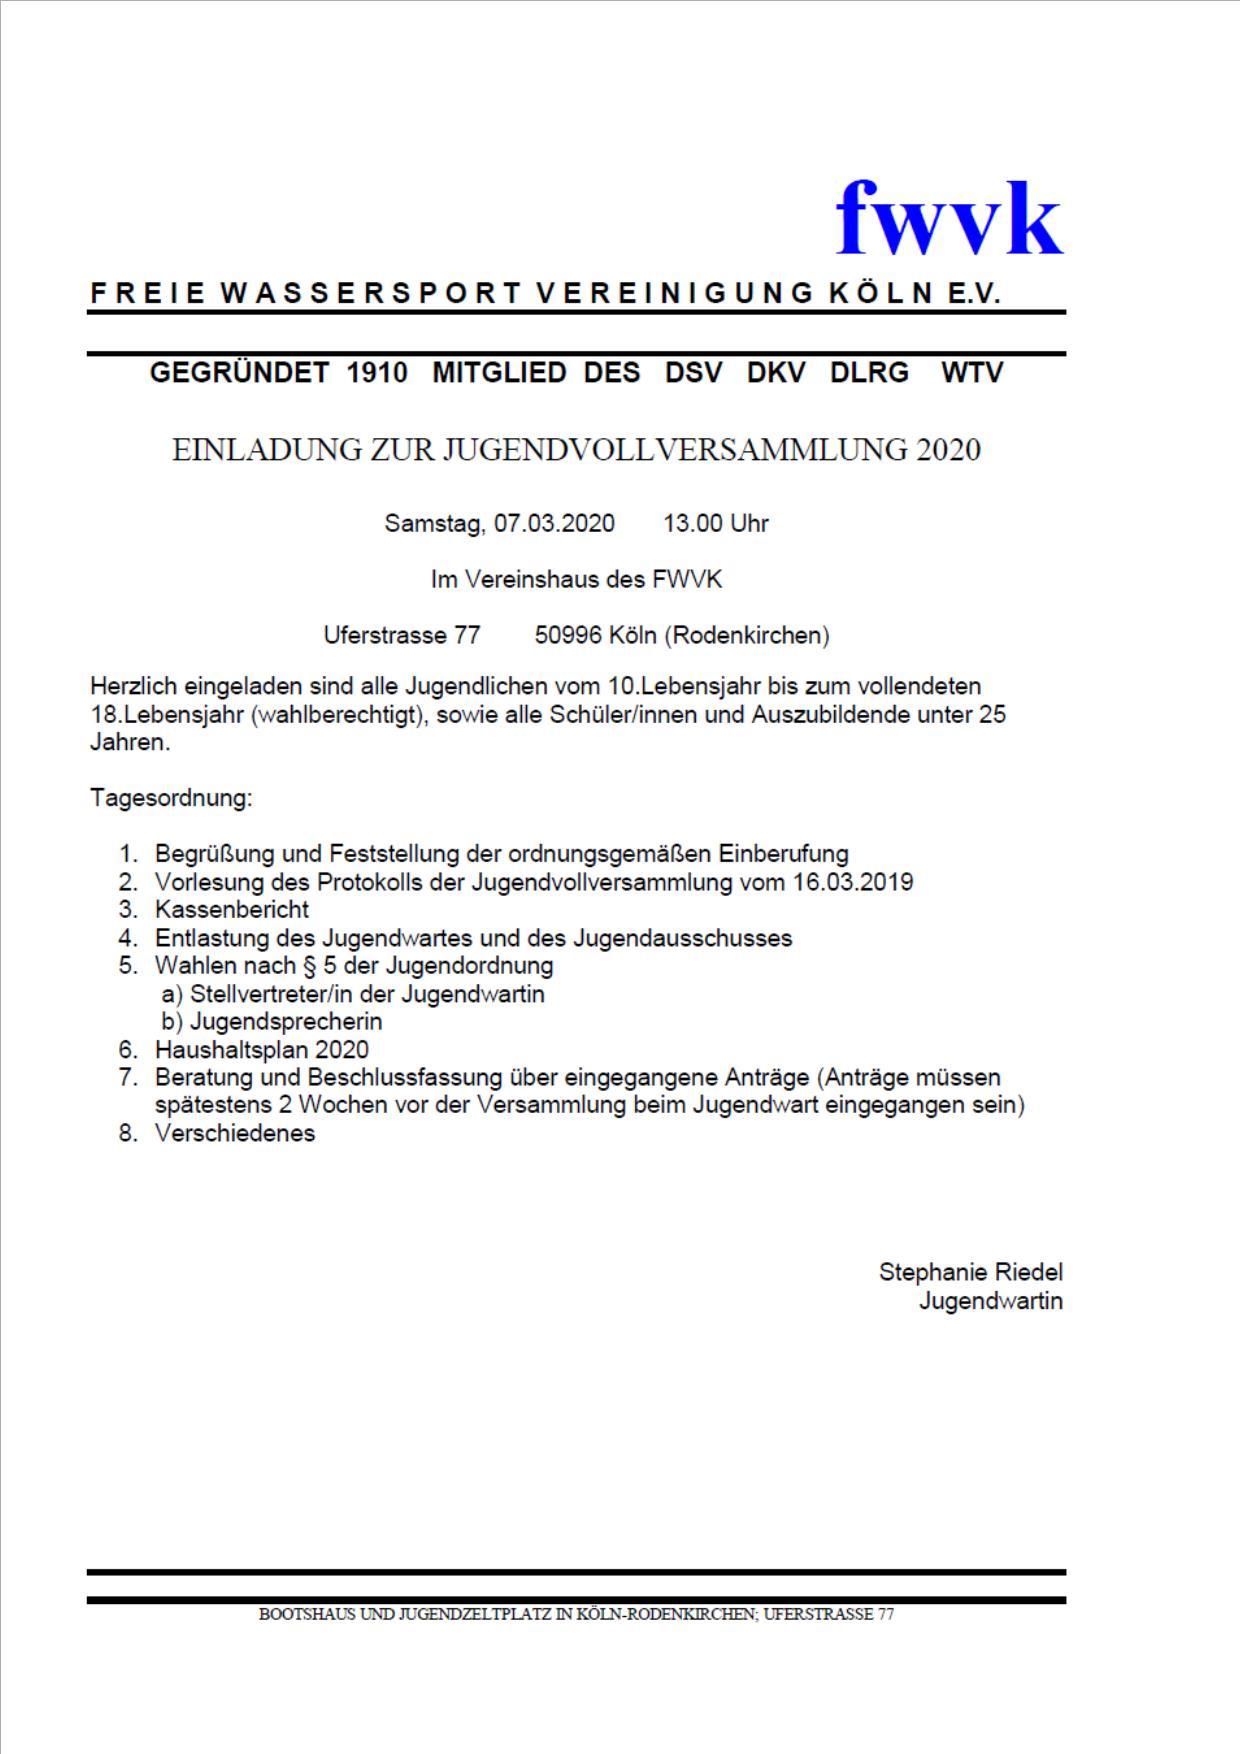 Einladung zur Jugendvollversammlung 2020